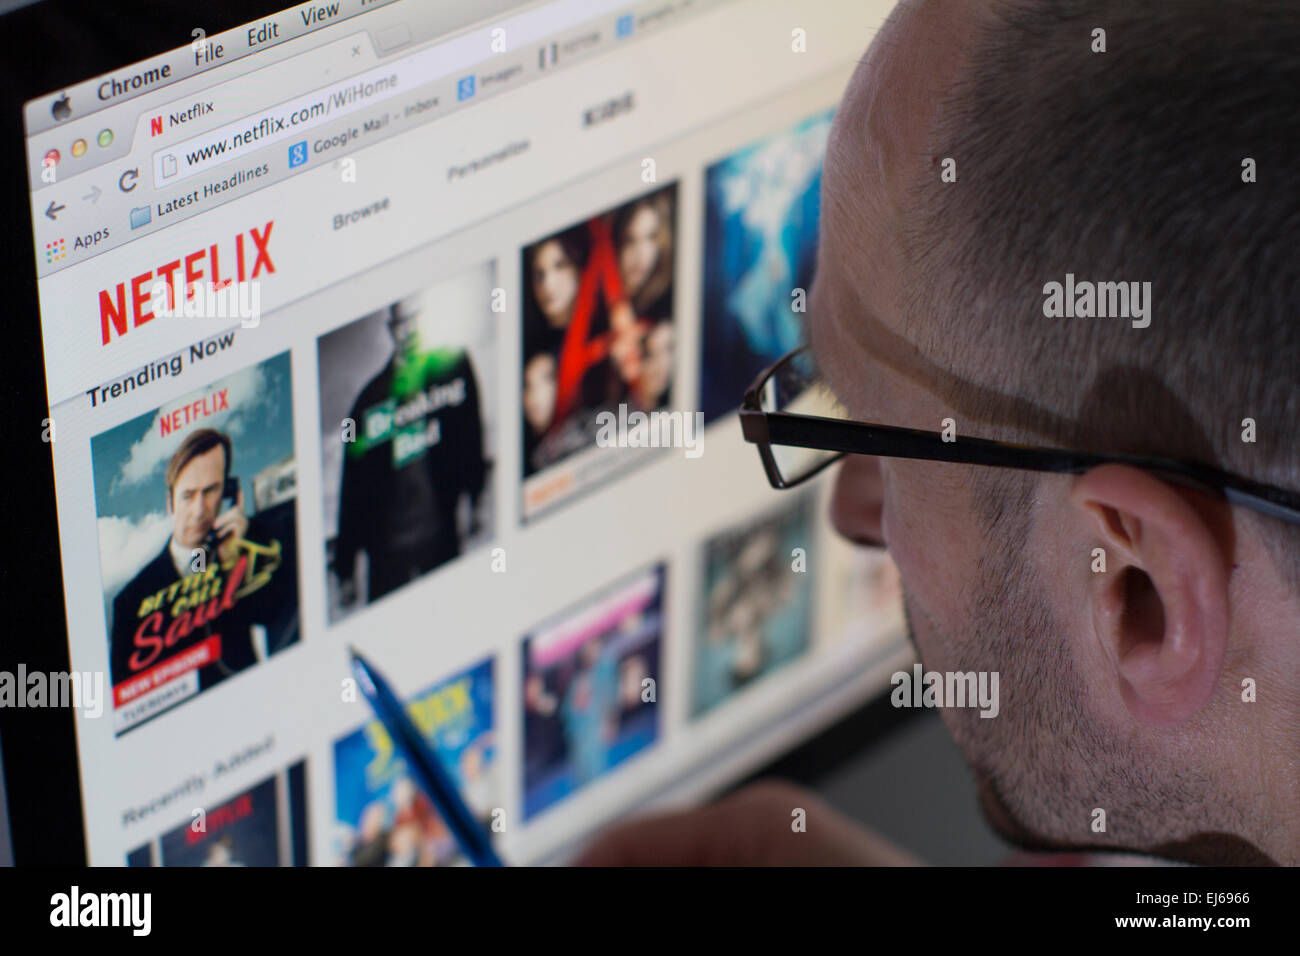 Männer auf der Suche auf der Webseite für Netflix Fernsehen-Streaming-Dienst Stockbild